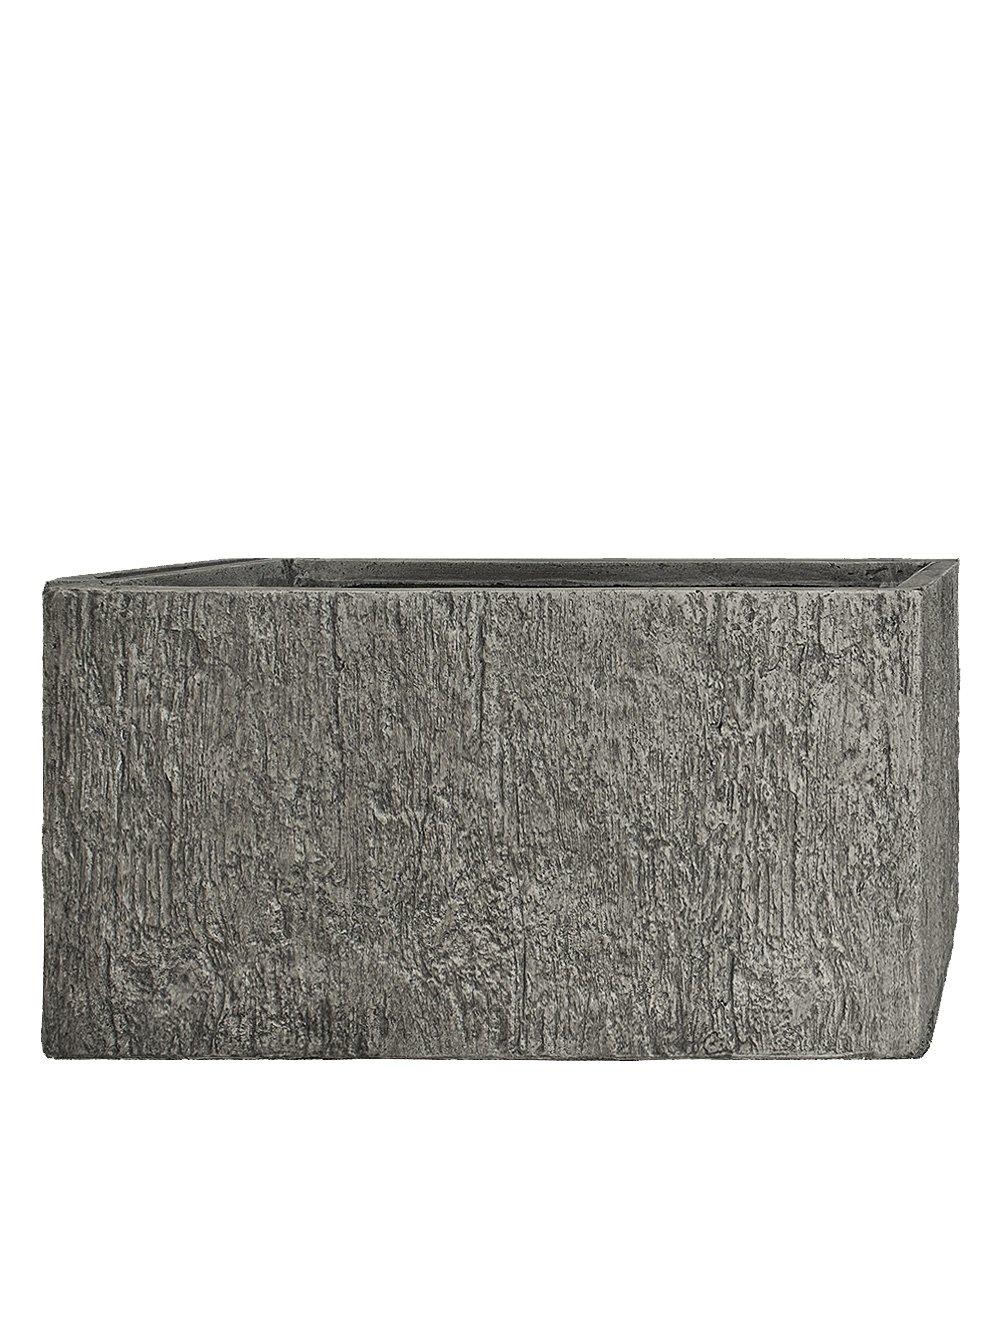 PFLANZWERK® Pflanzkübel TUB Wood Grau 45x100x45cm *Frostbeständig* *UV-Schutz* *Qualitätsware*